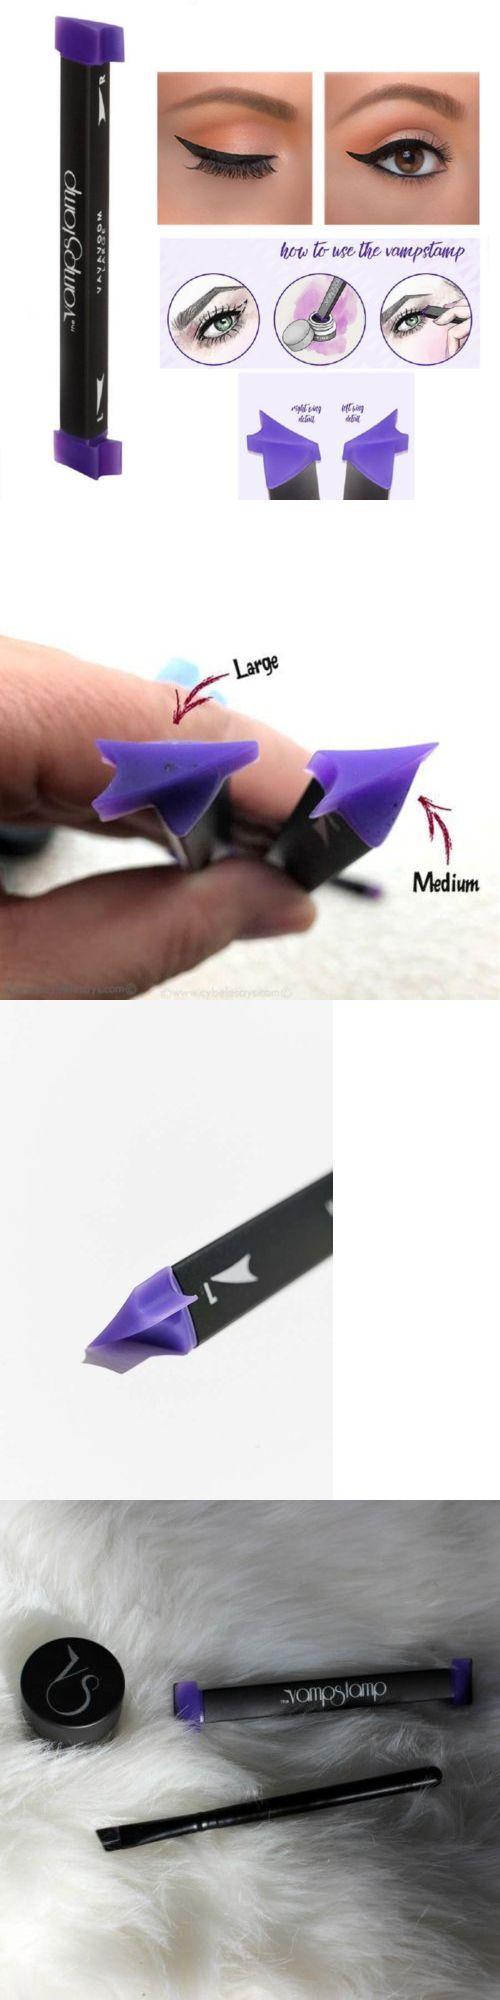 Eyeliner: Vavavoom Vamp Stamp Eyeliner + Ink 3-Pc. Set (Medium) Bnib *100% Authentic* -> BUY IT NOW ONLY: $49.95 on eBay!